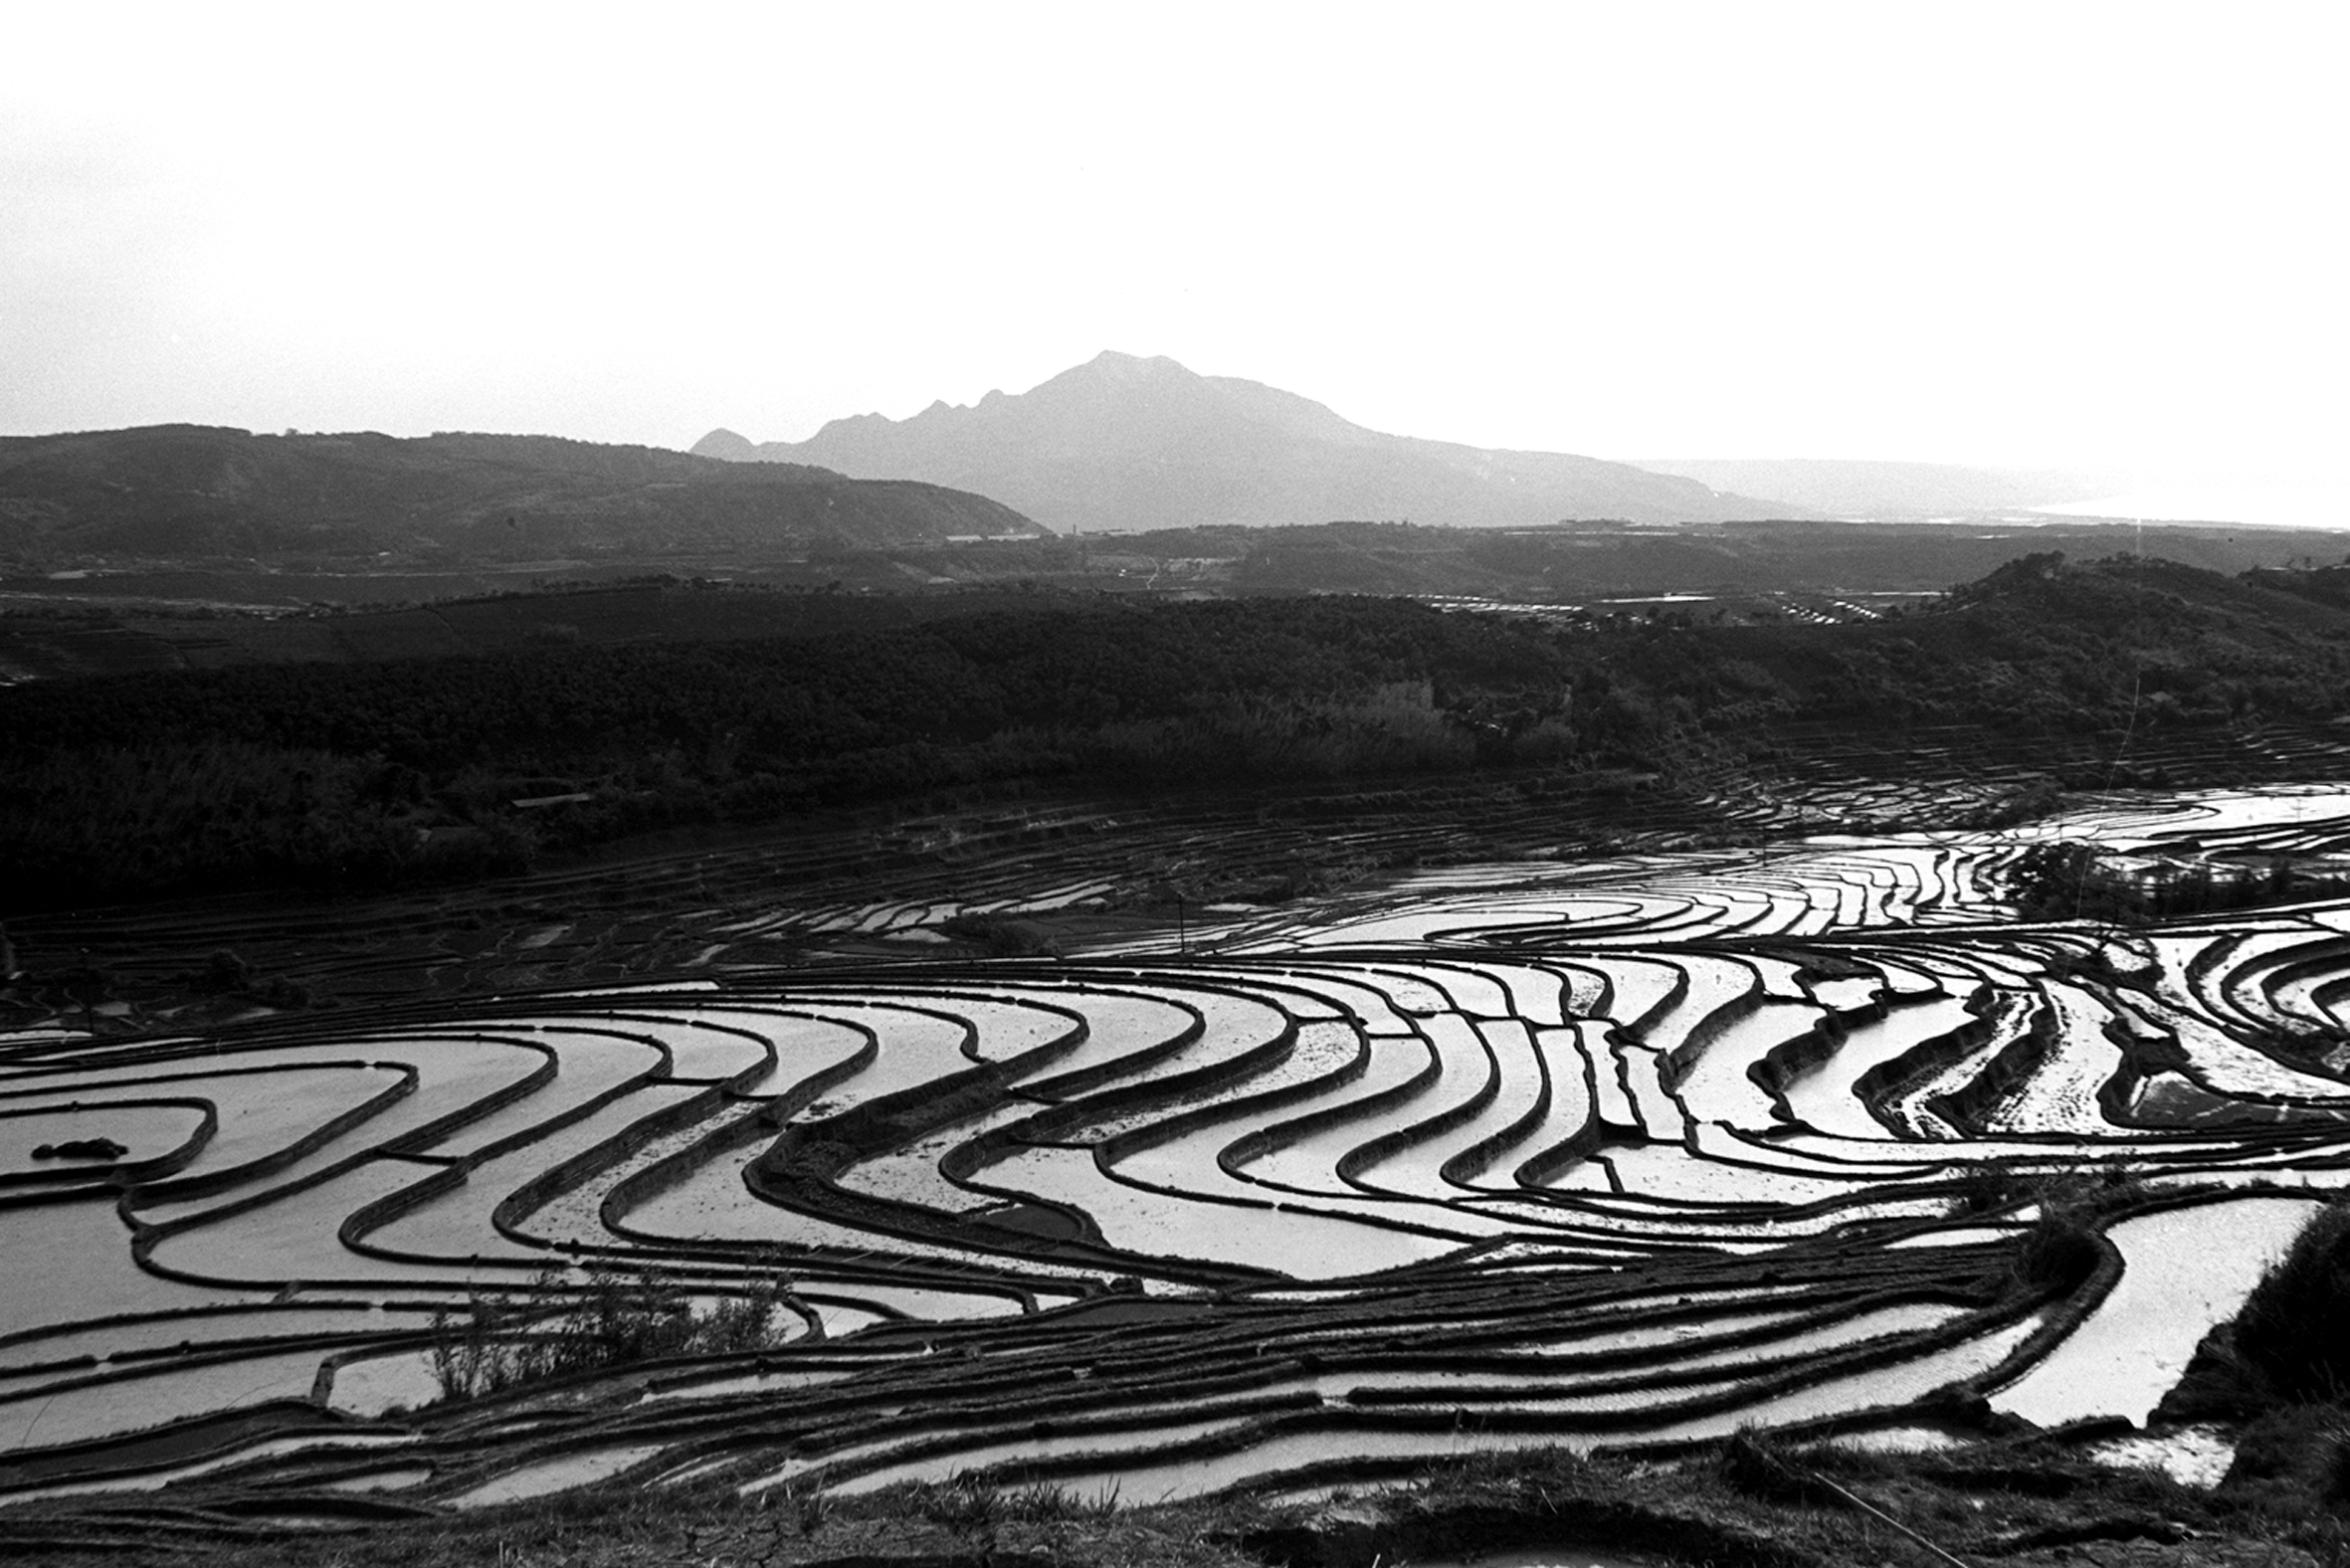 千層梯田映觀音 1970